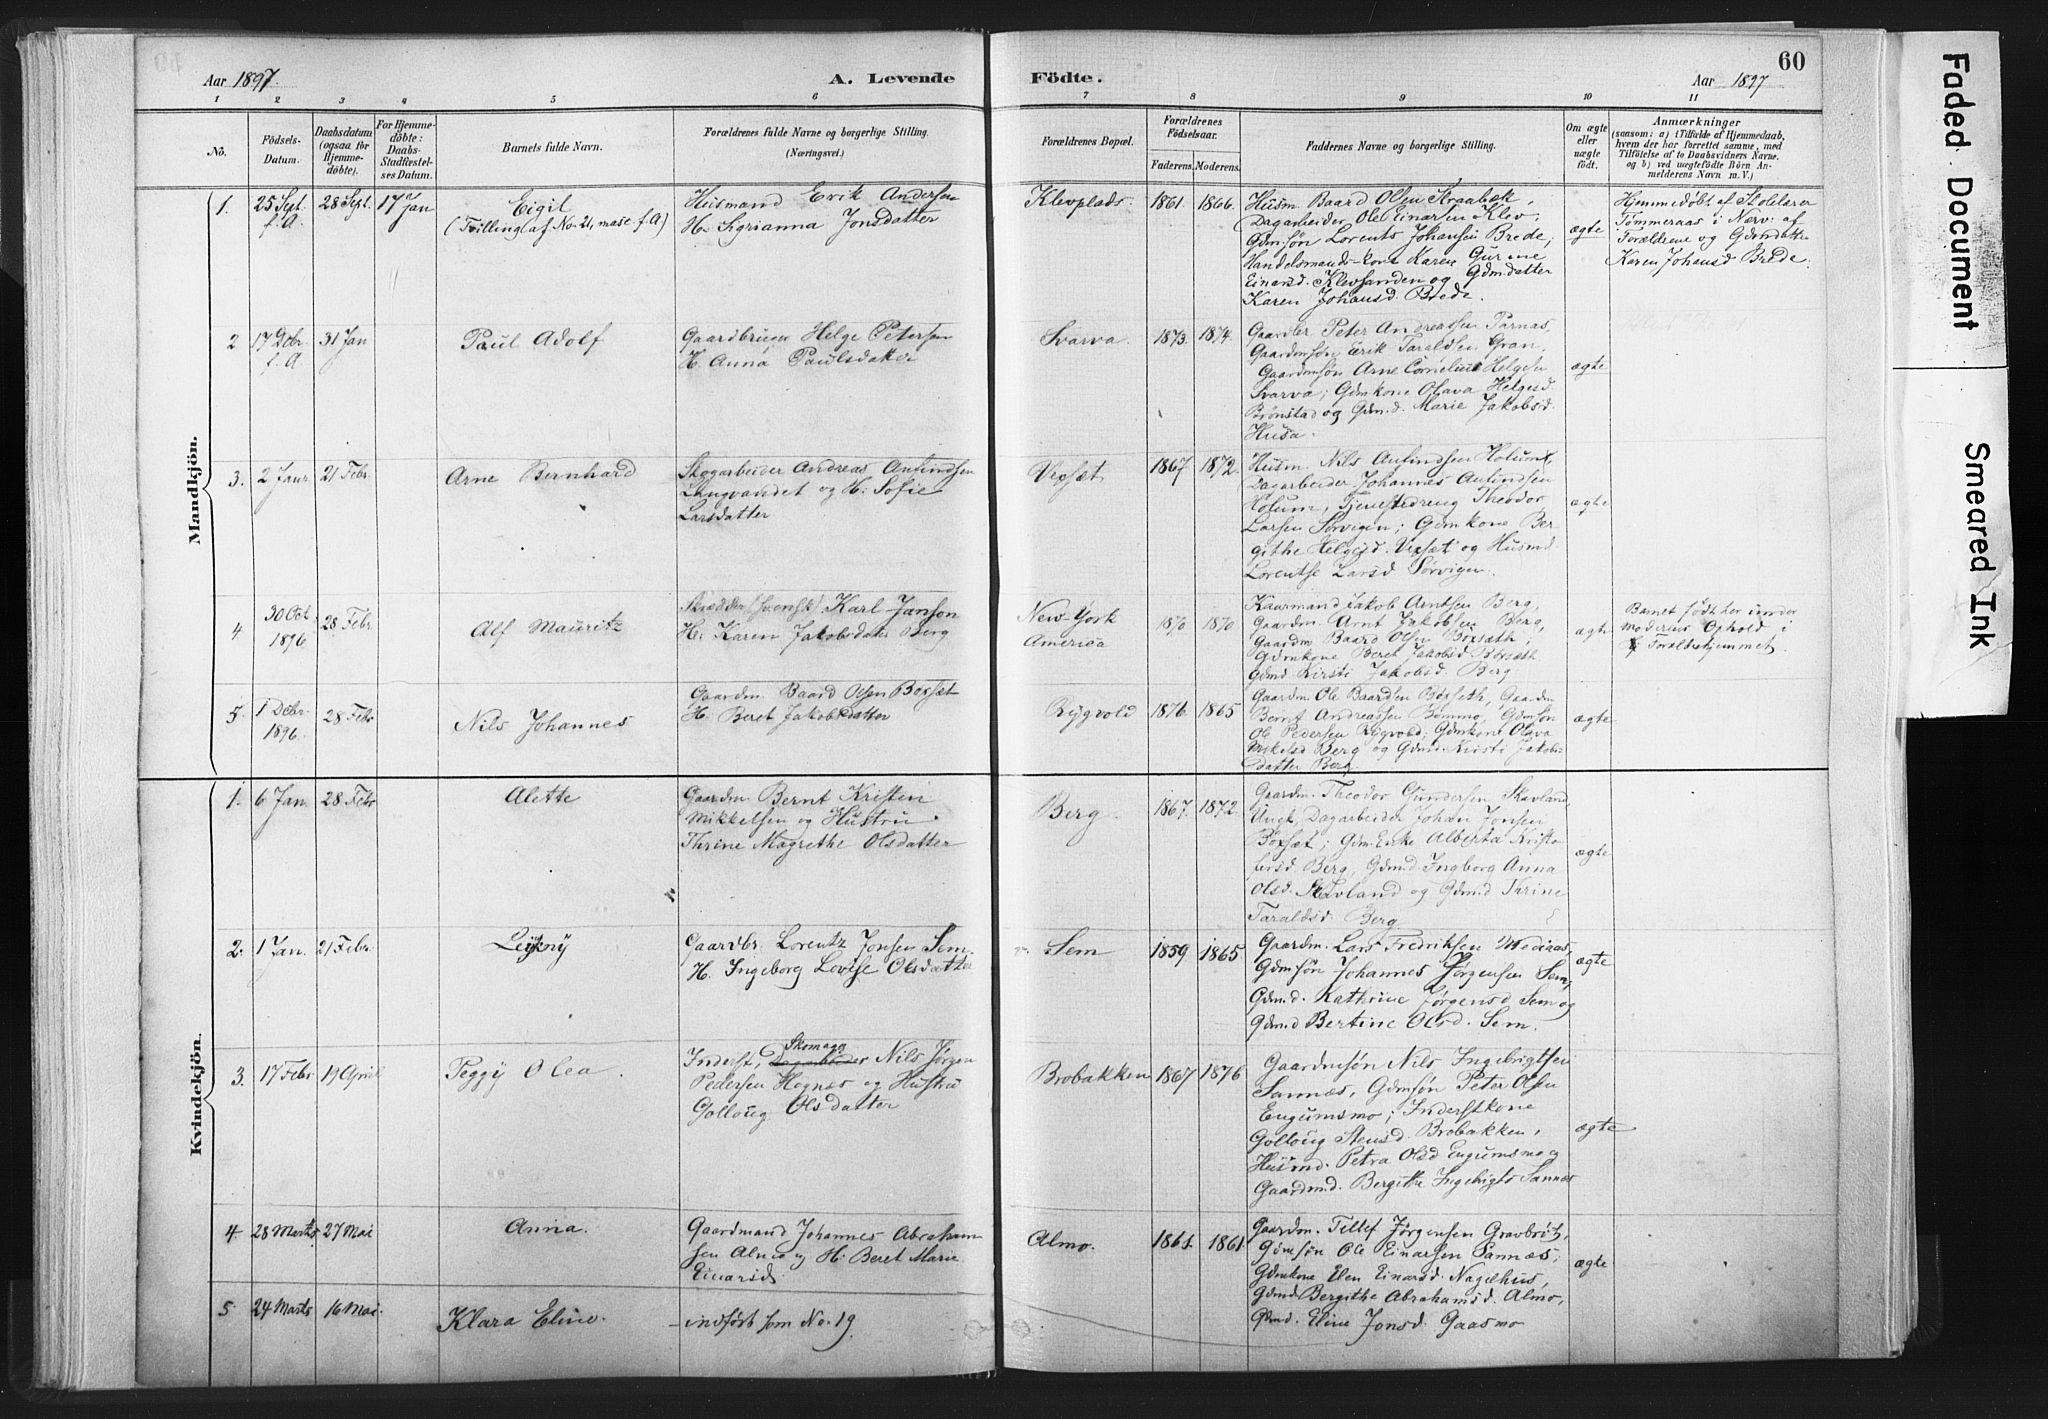 SAT, Ministerialprotokoller, klokkerbøker og fødselsregistre - Nord-Trøndelag, 749/L0474: Ministerialbok nr. 749A08, 1887-1903, s. 60